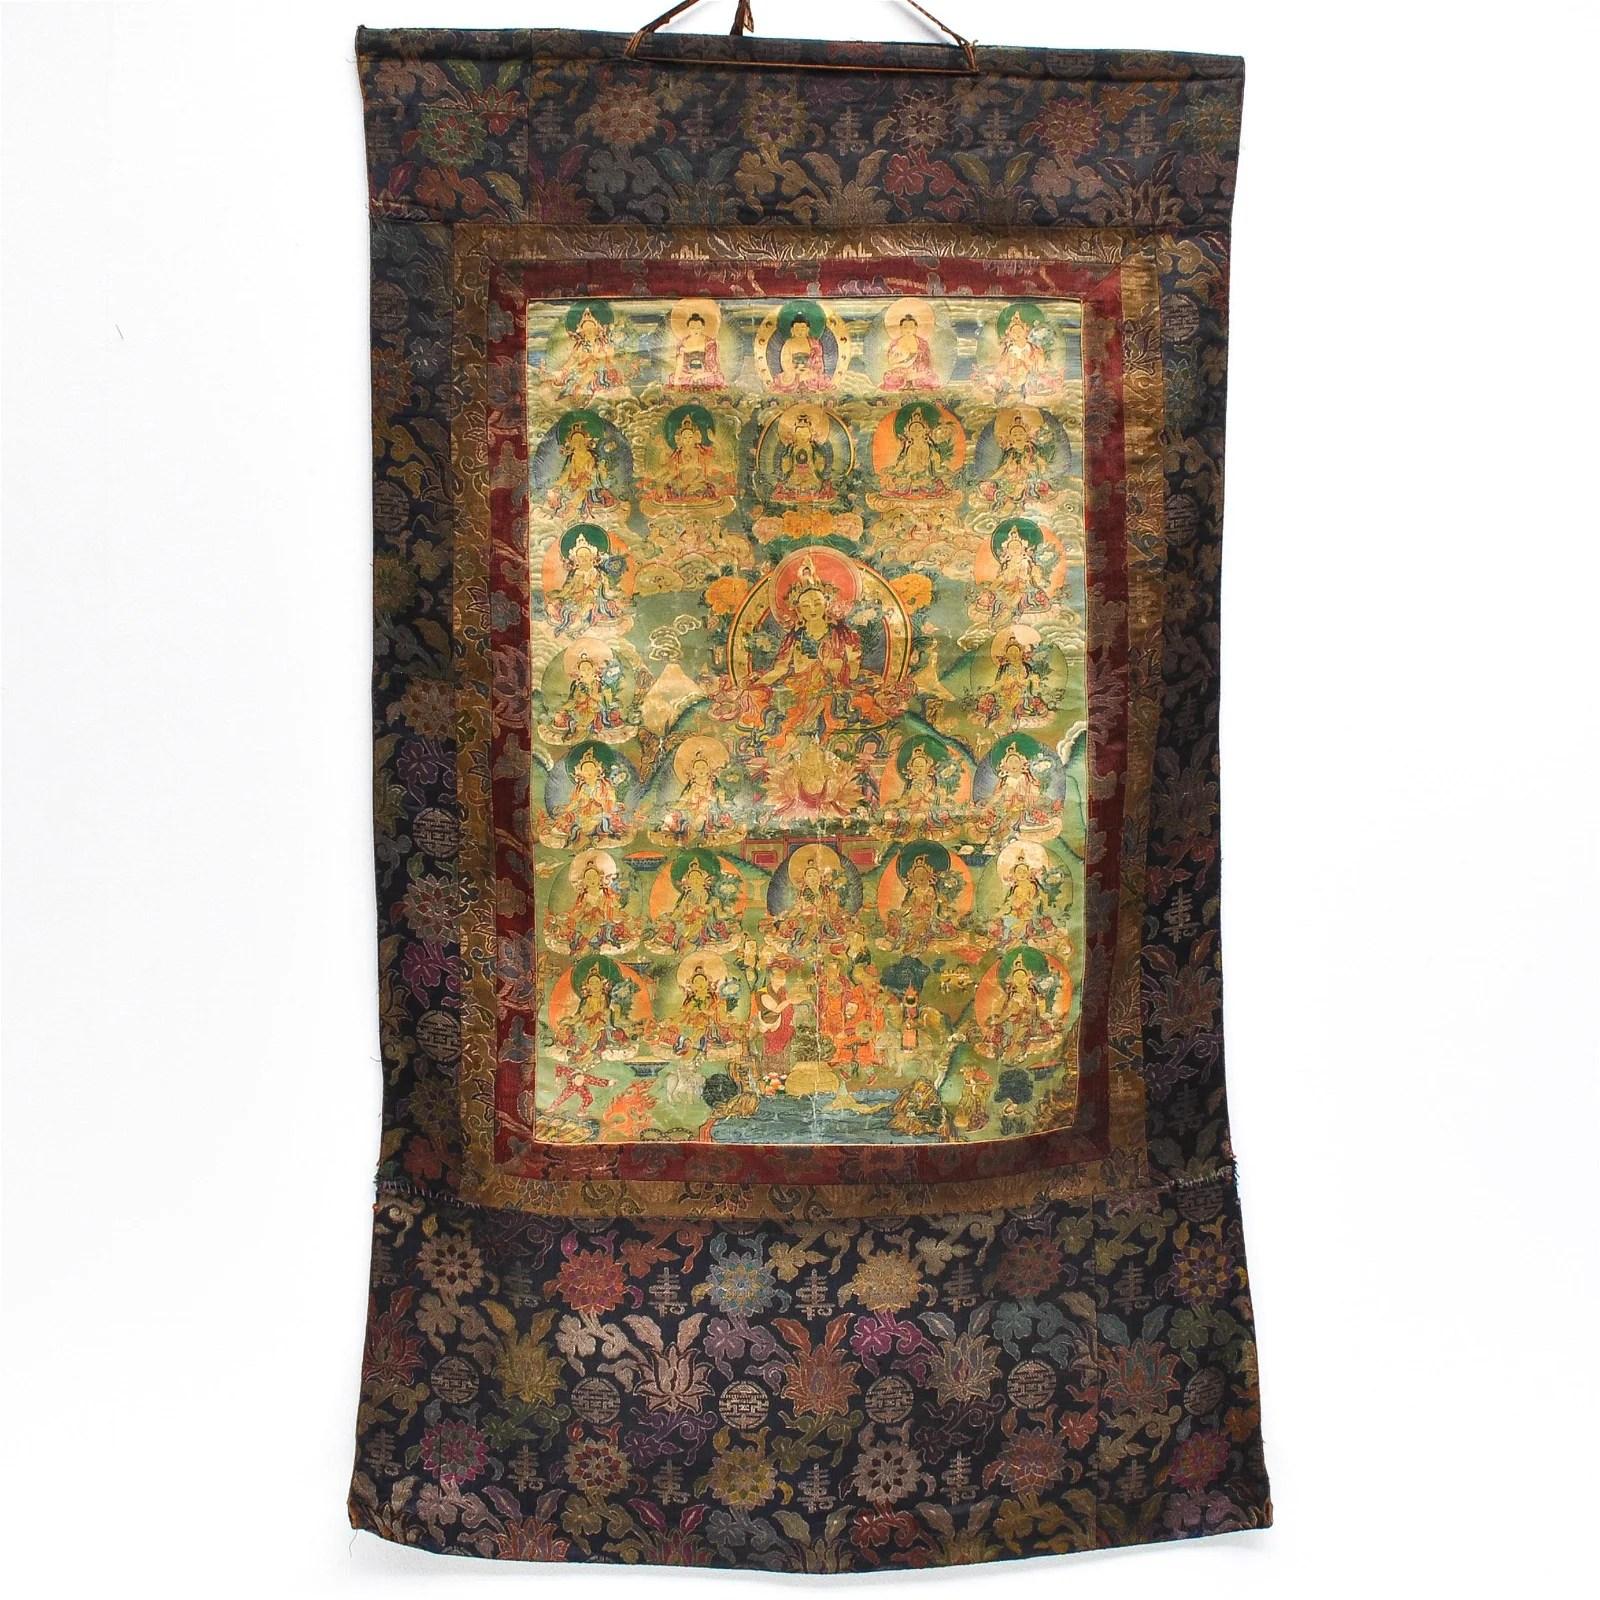 A Tibetan Tanka